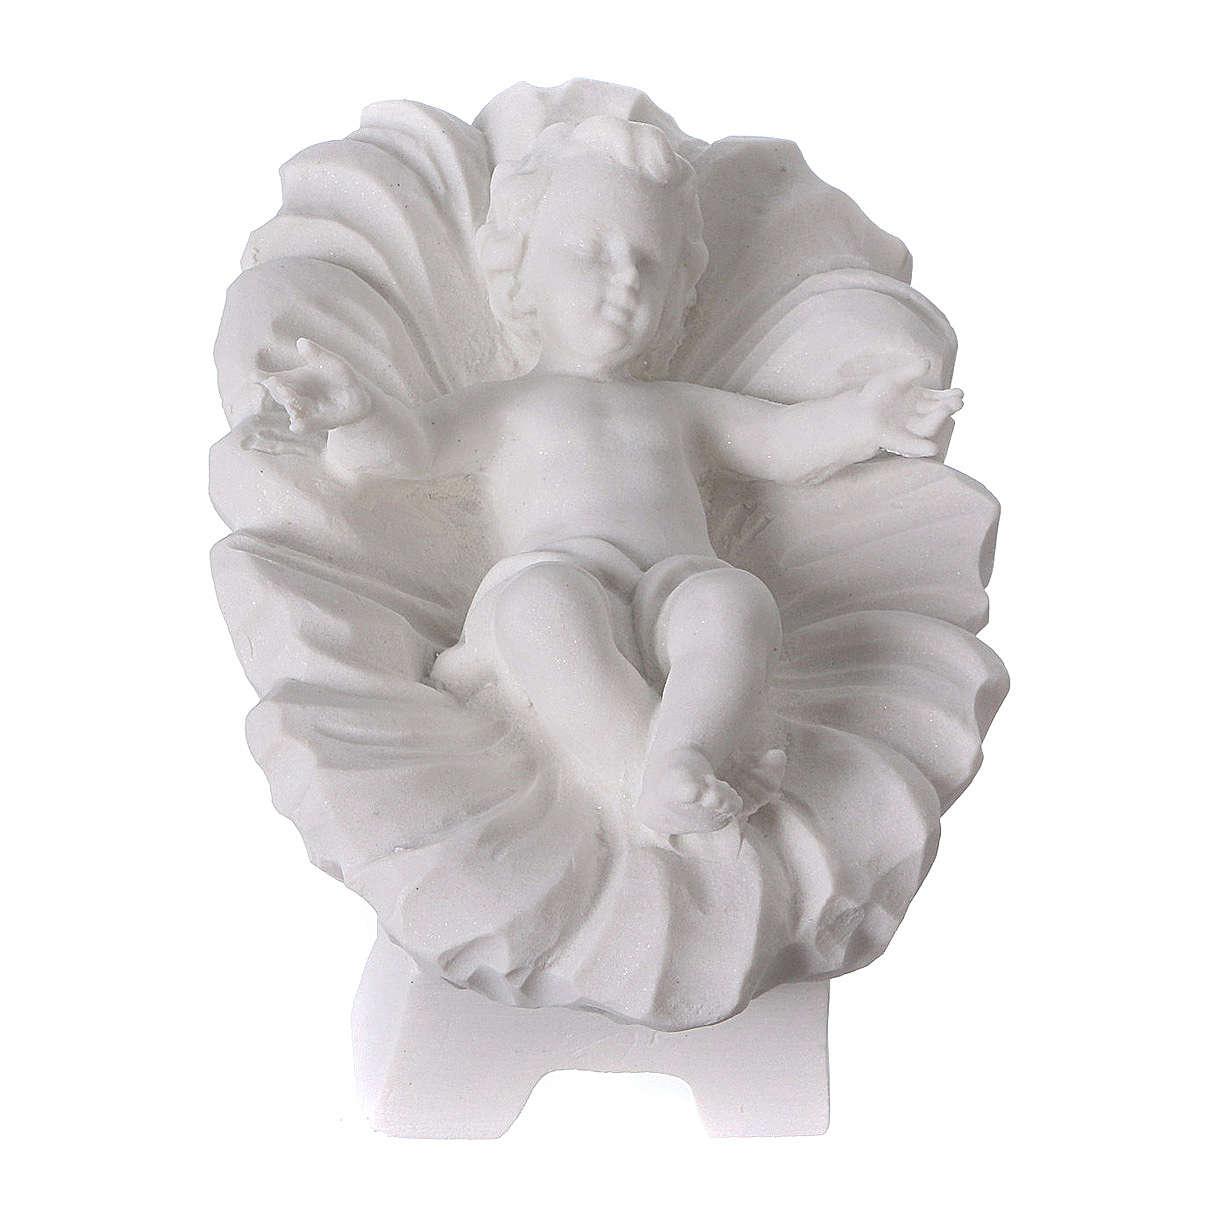 Belén completo con 7 figuras de polvo de mármol 30 cm 4